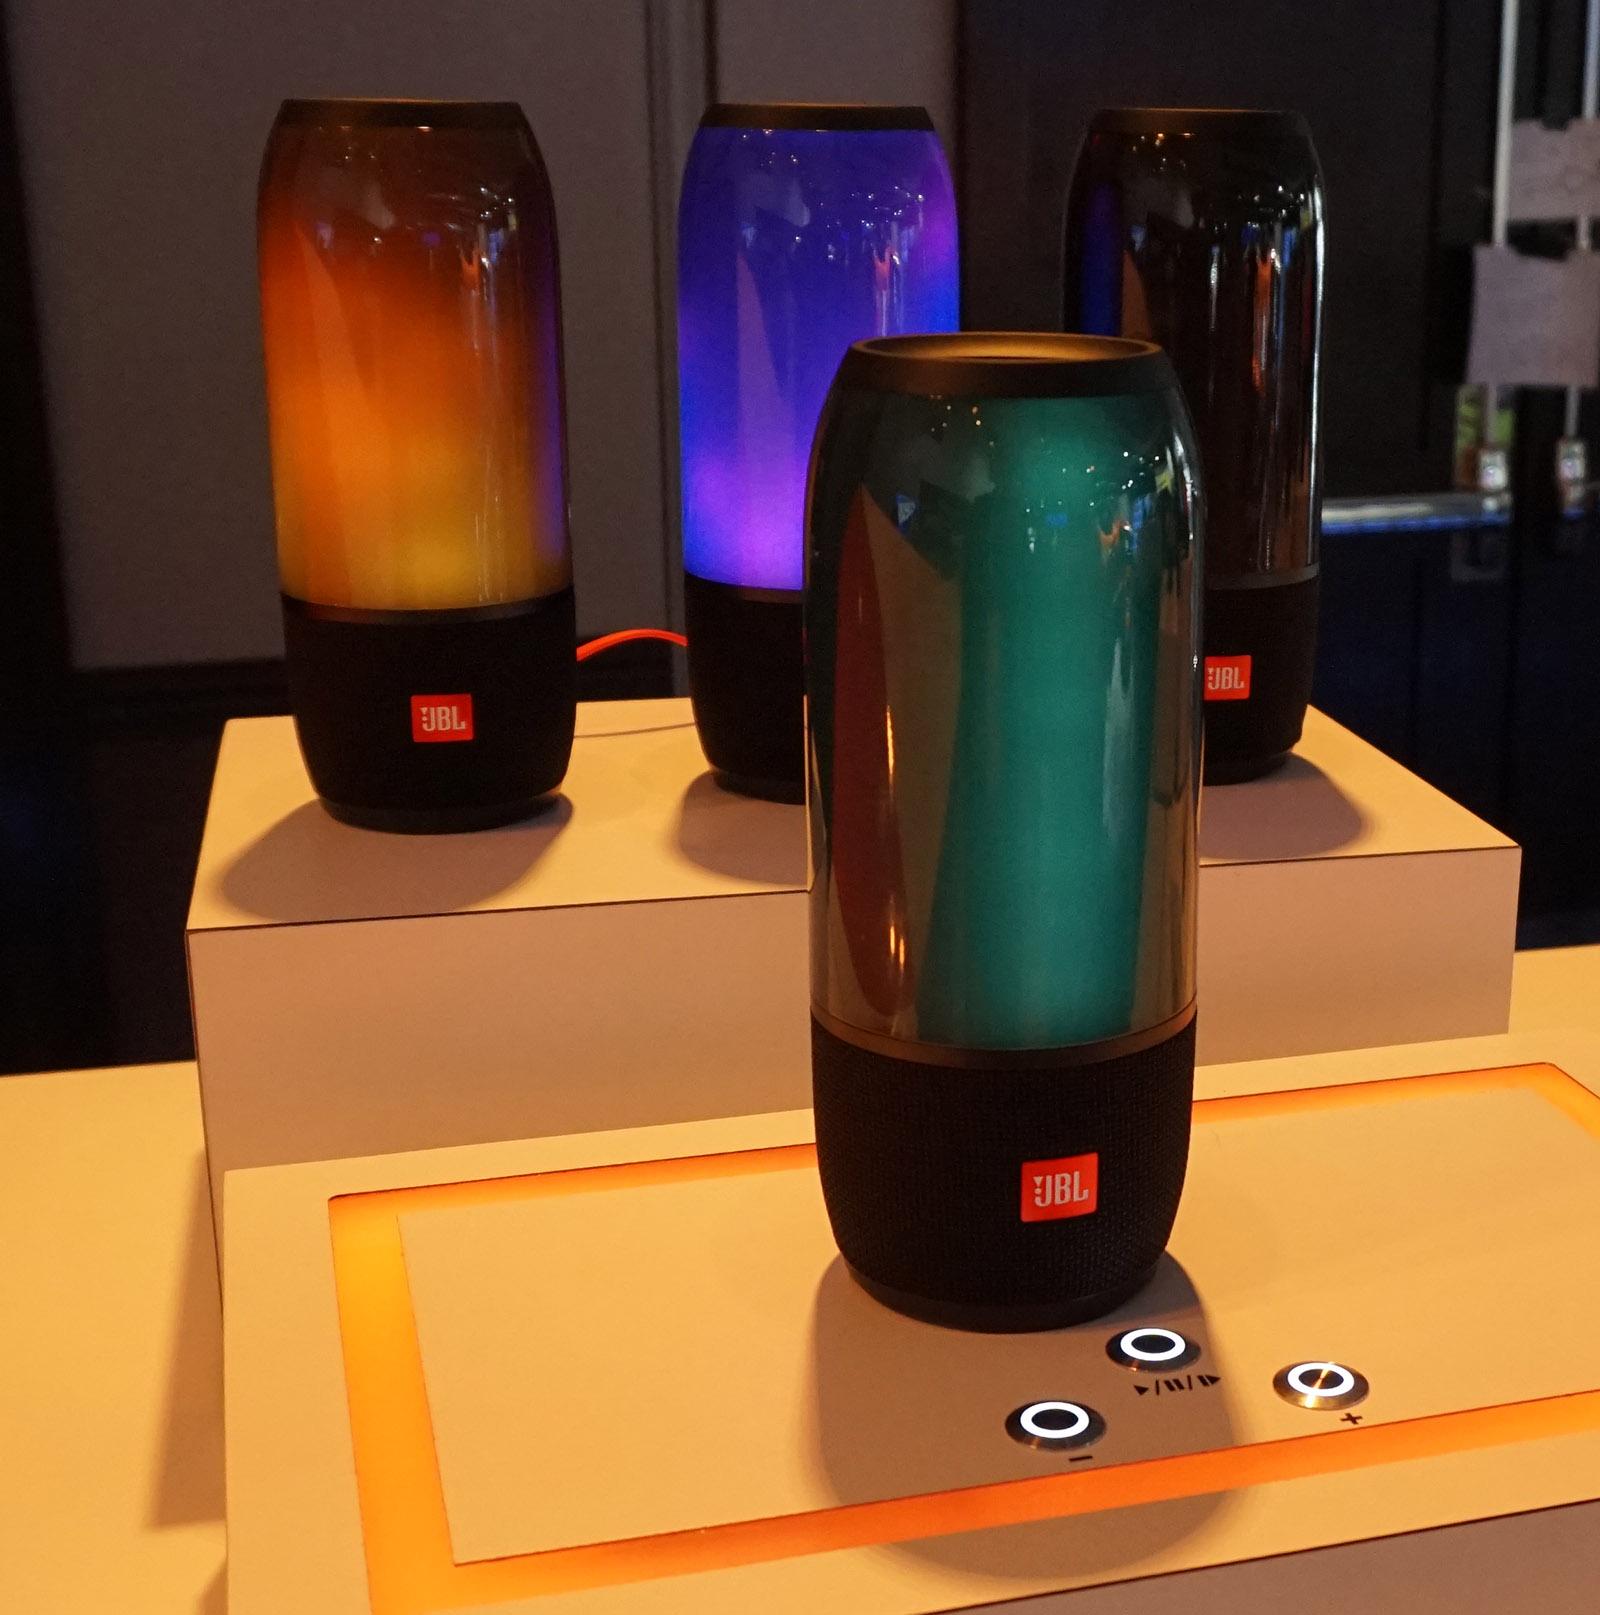 JBL Pulse har fået indbygget lysshow. Foto: John Alex Hvidlykke, Lyd & Billede.